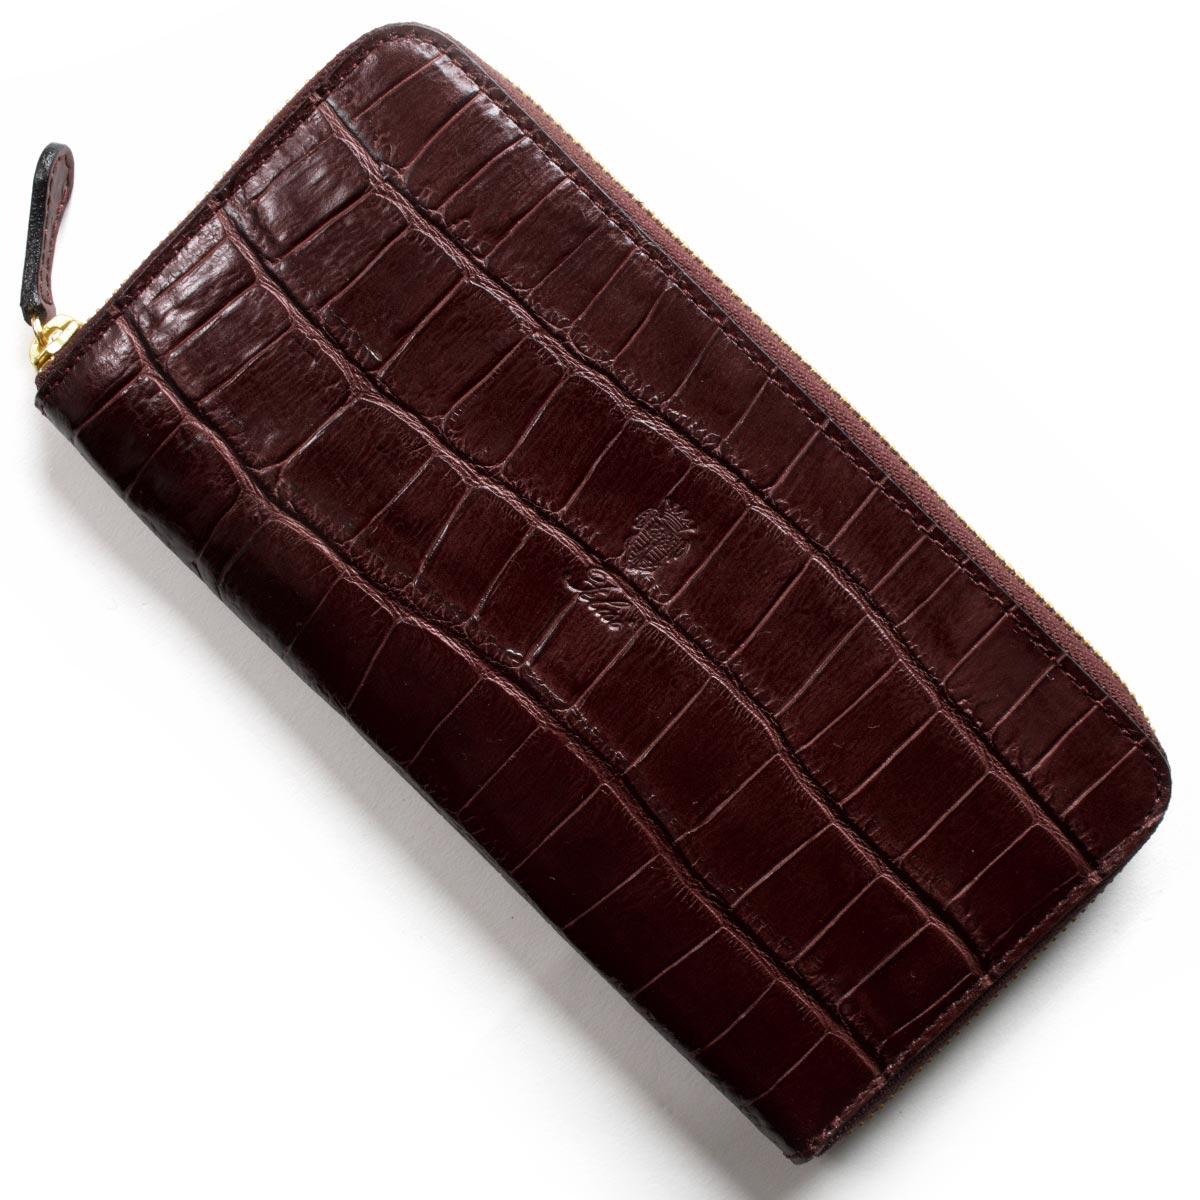 フェリージ 長財布 財布 メンズ レディース ボルドー 125 SA 0026 FELISI